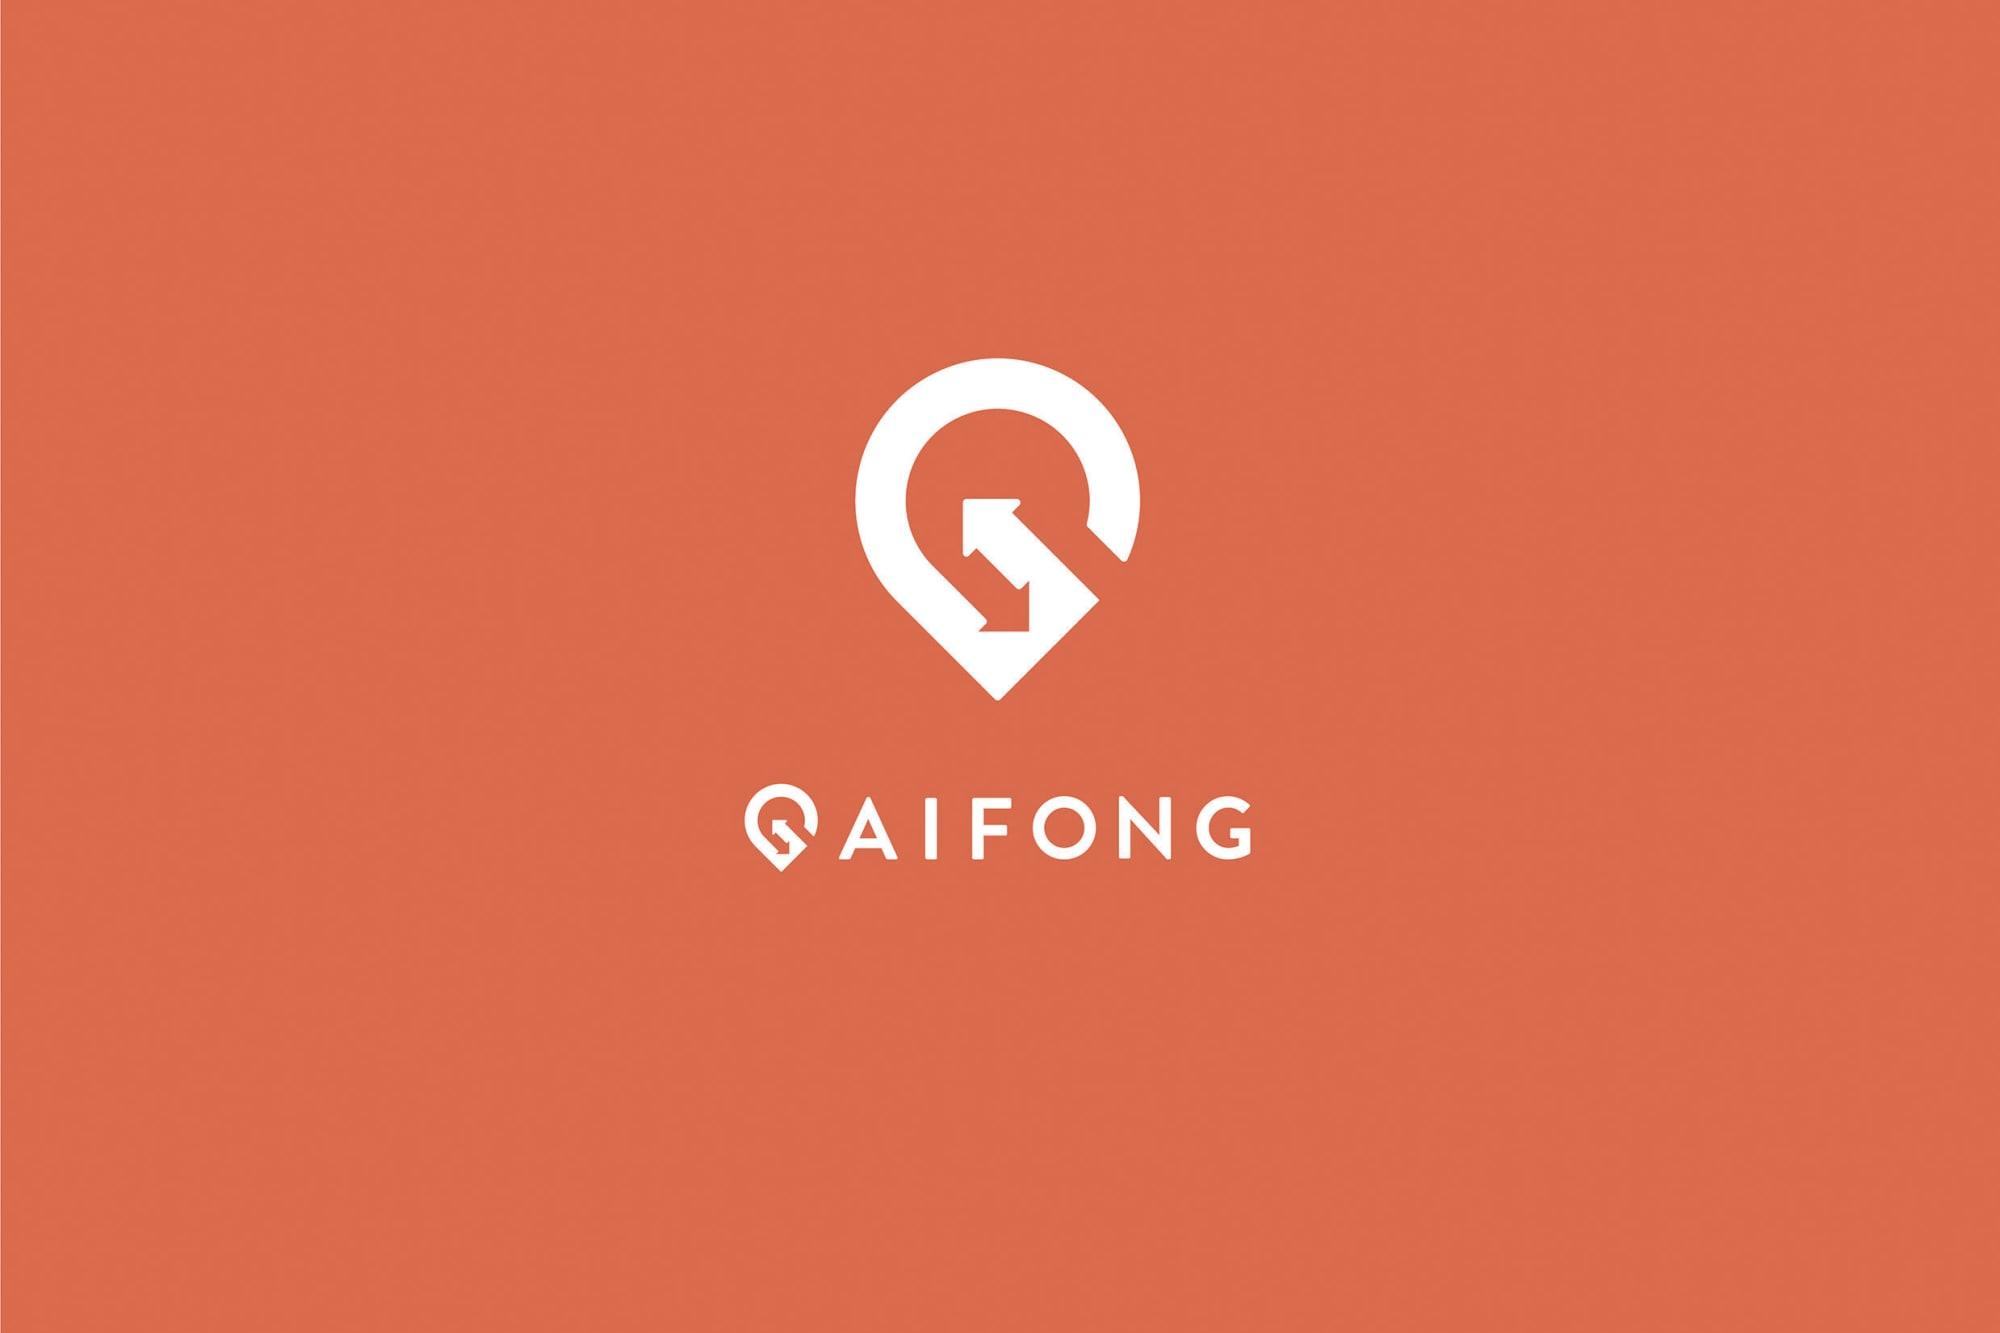 GaiFong